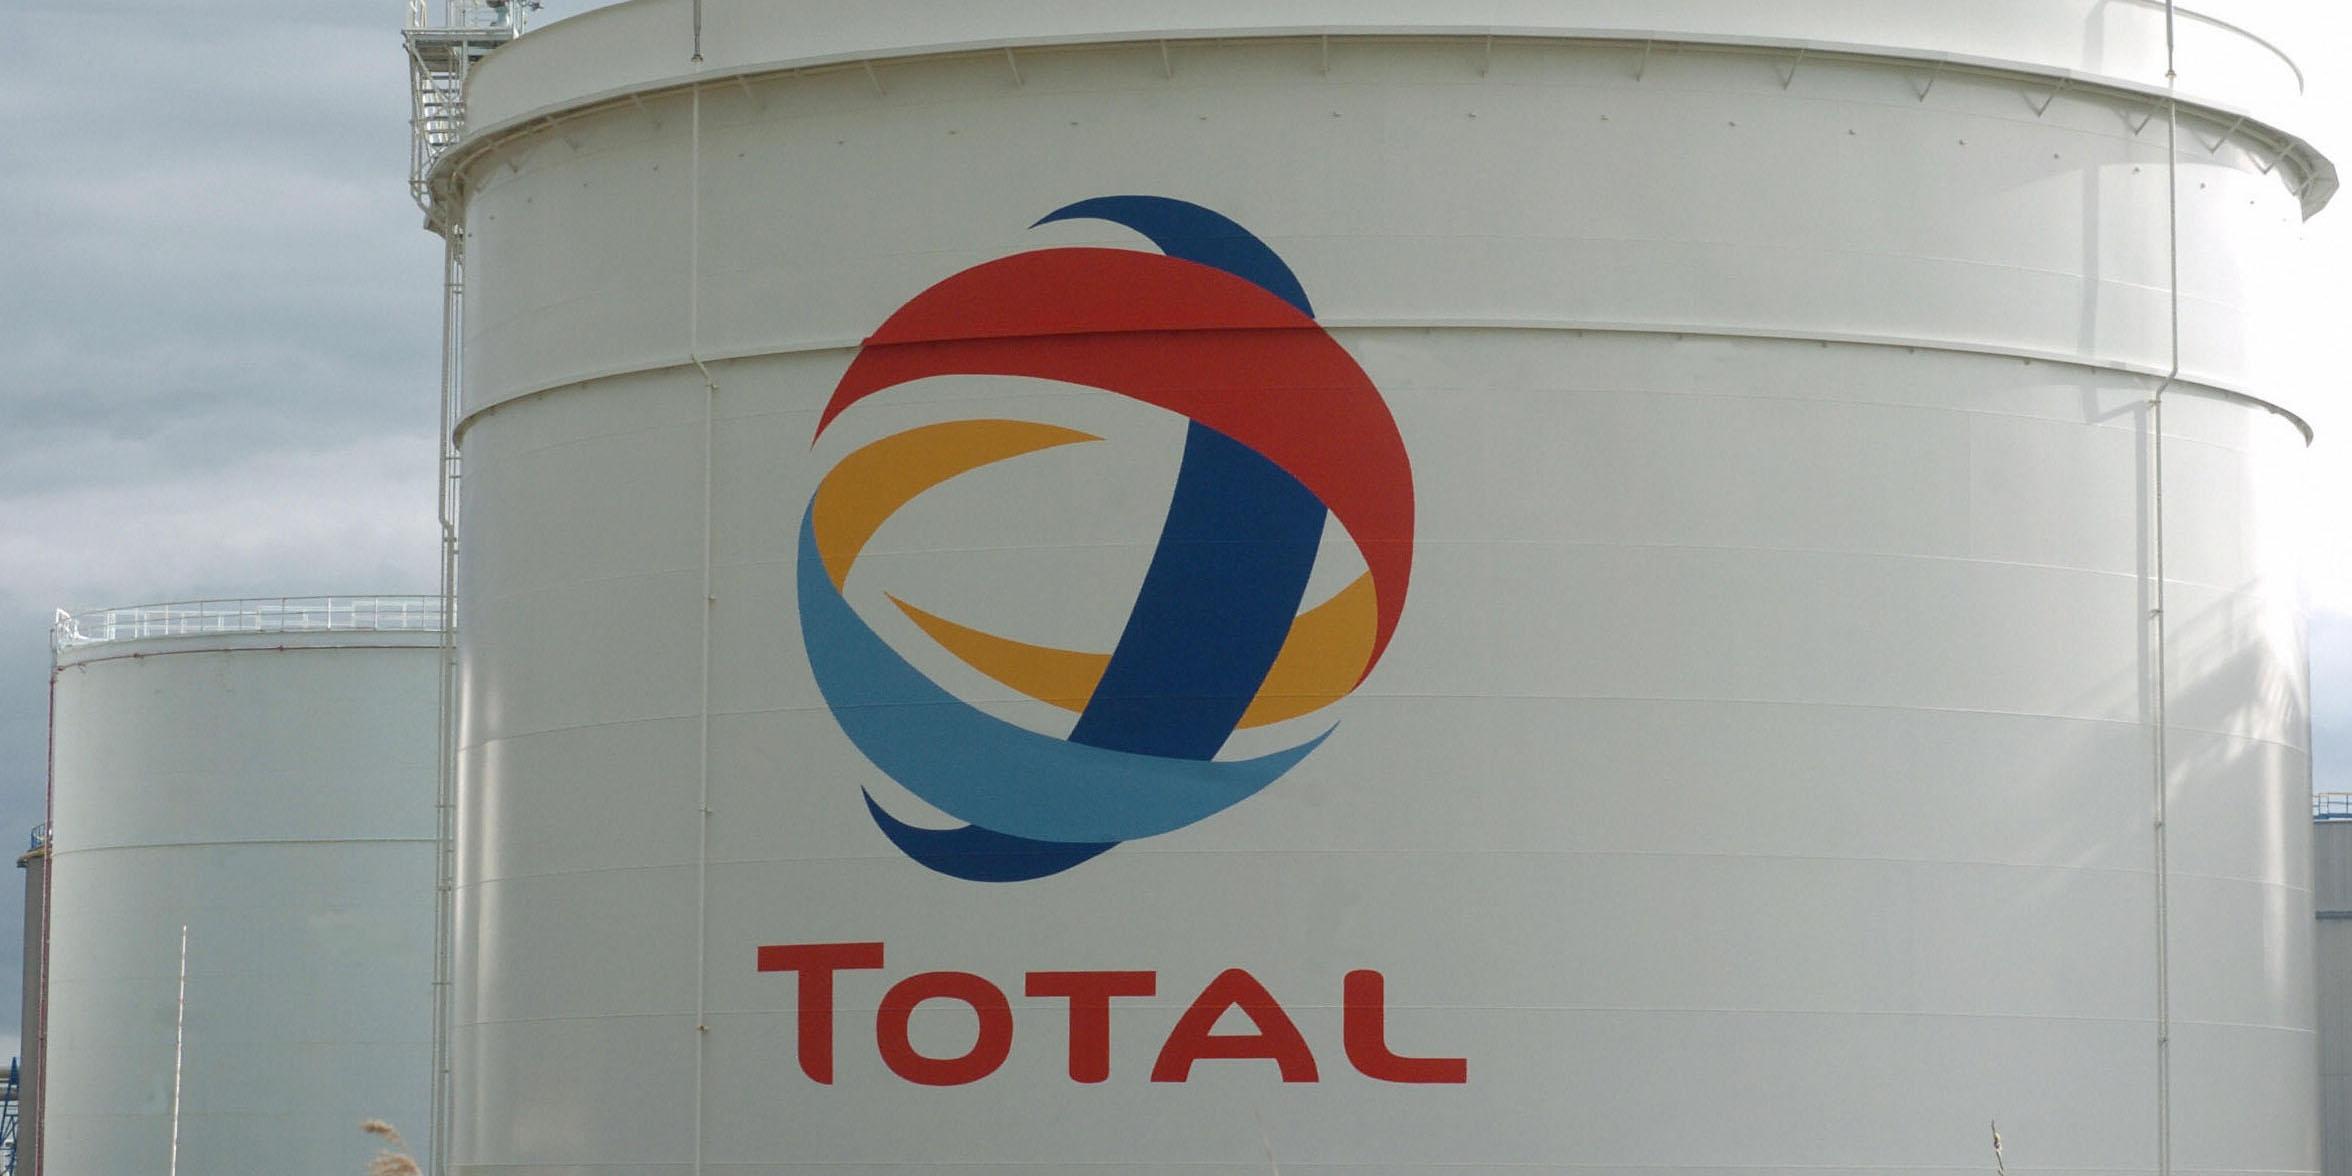 رکورد فروش نفت ایران به توتال فرانسه شکسته شد